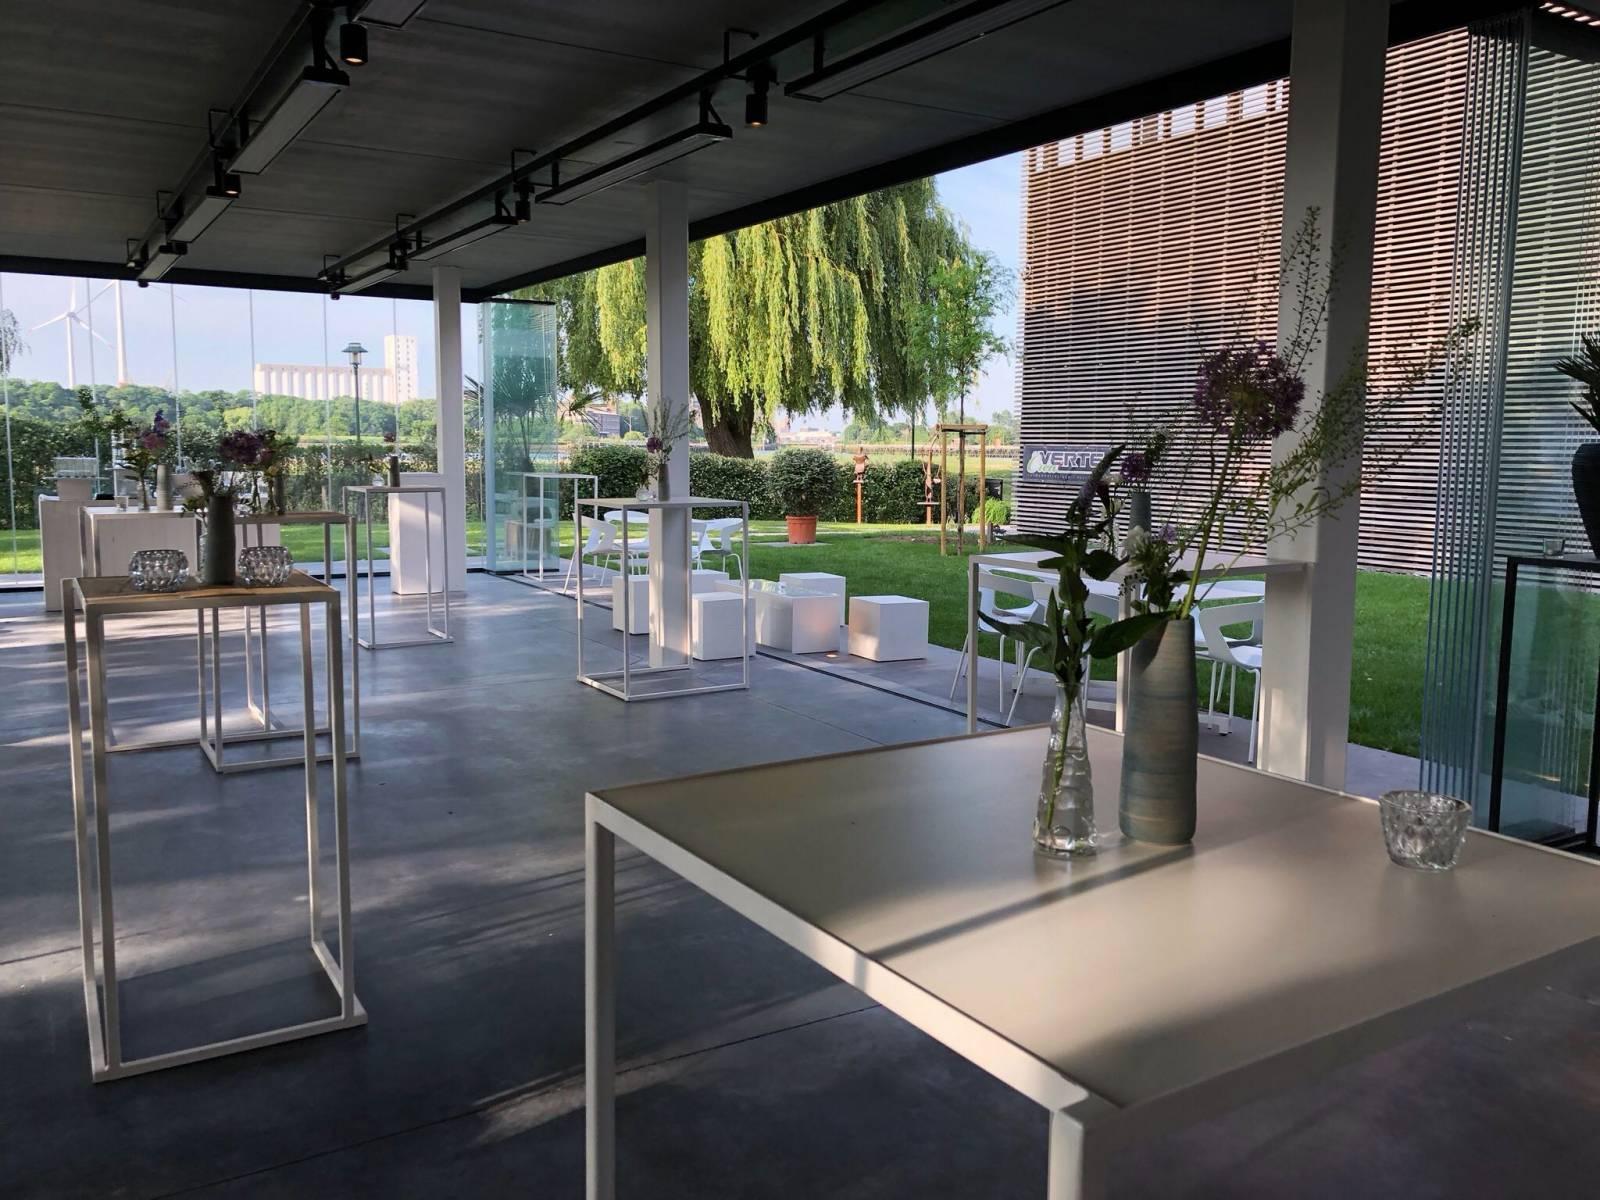 KAS Kunst aan de Stroom - Antwerpen - Feestzaal - Trouwzaal - House of Weddings - 1